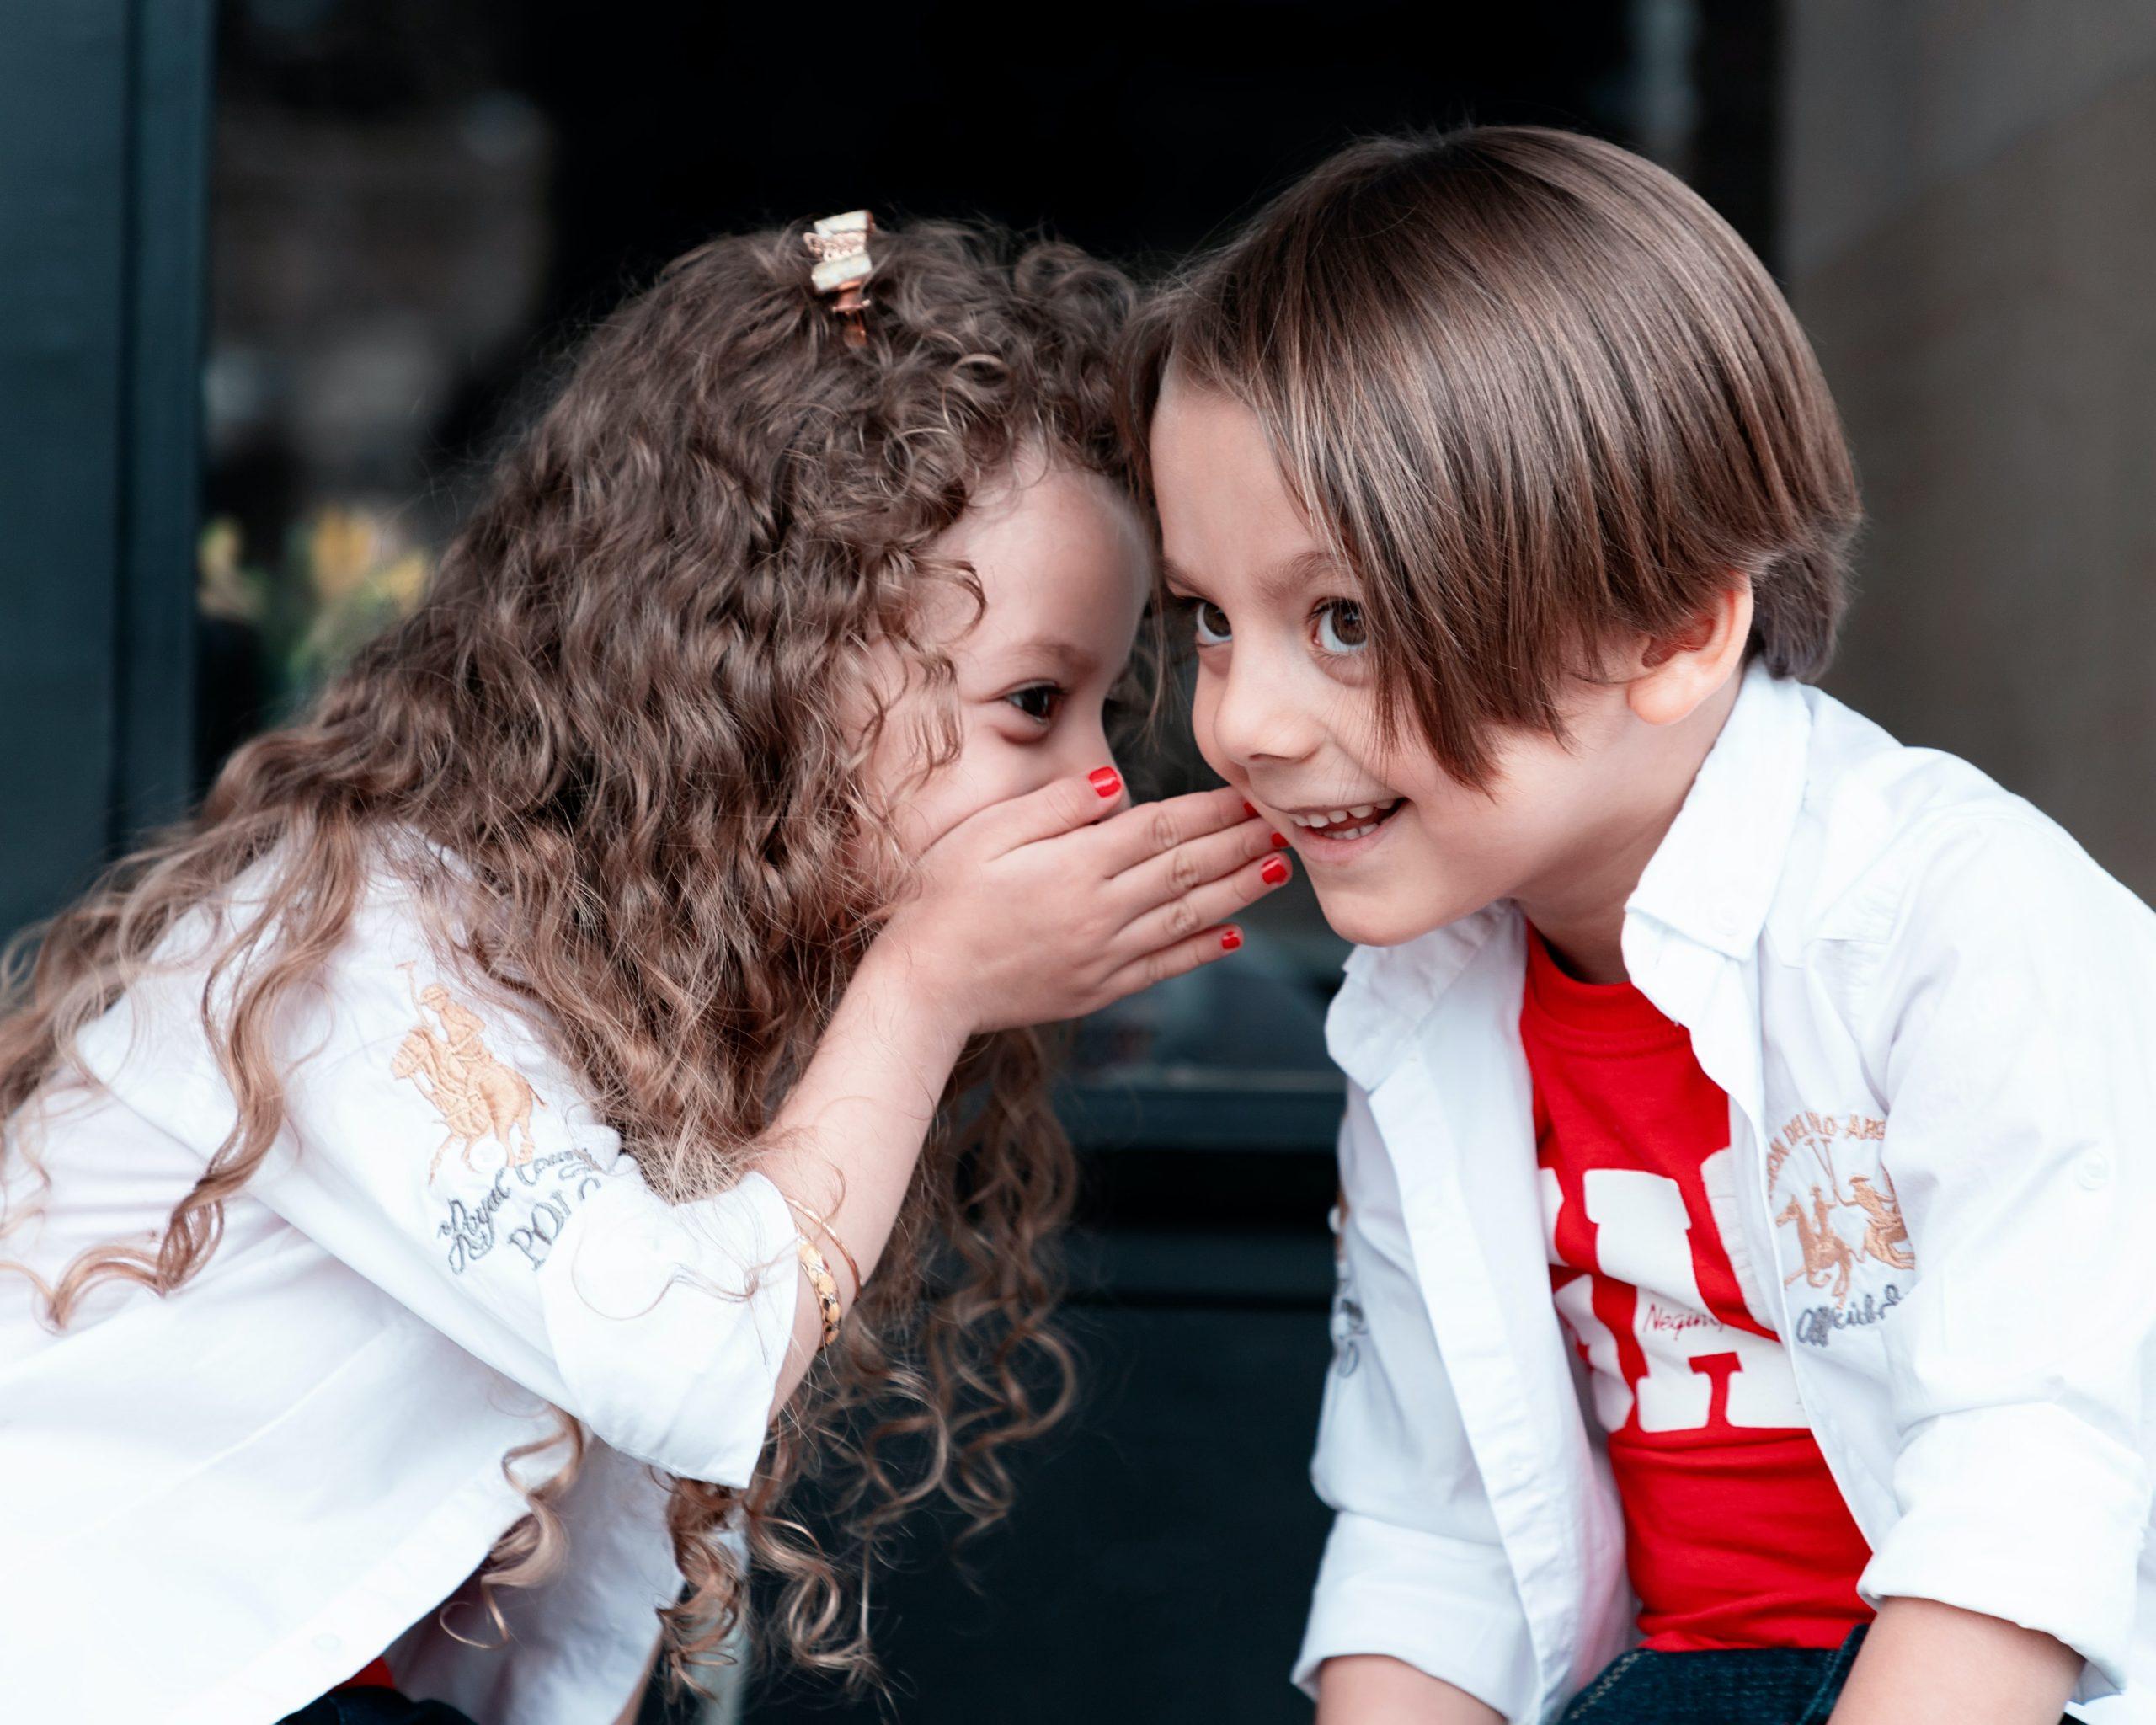 két gyerek beszélget